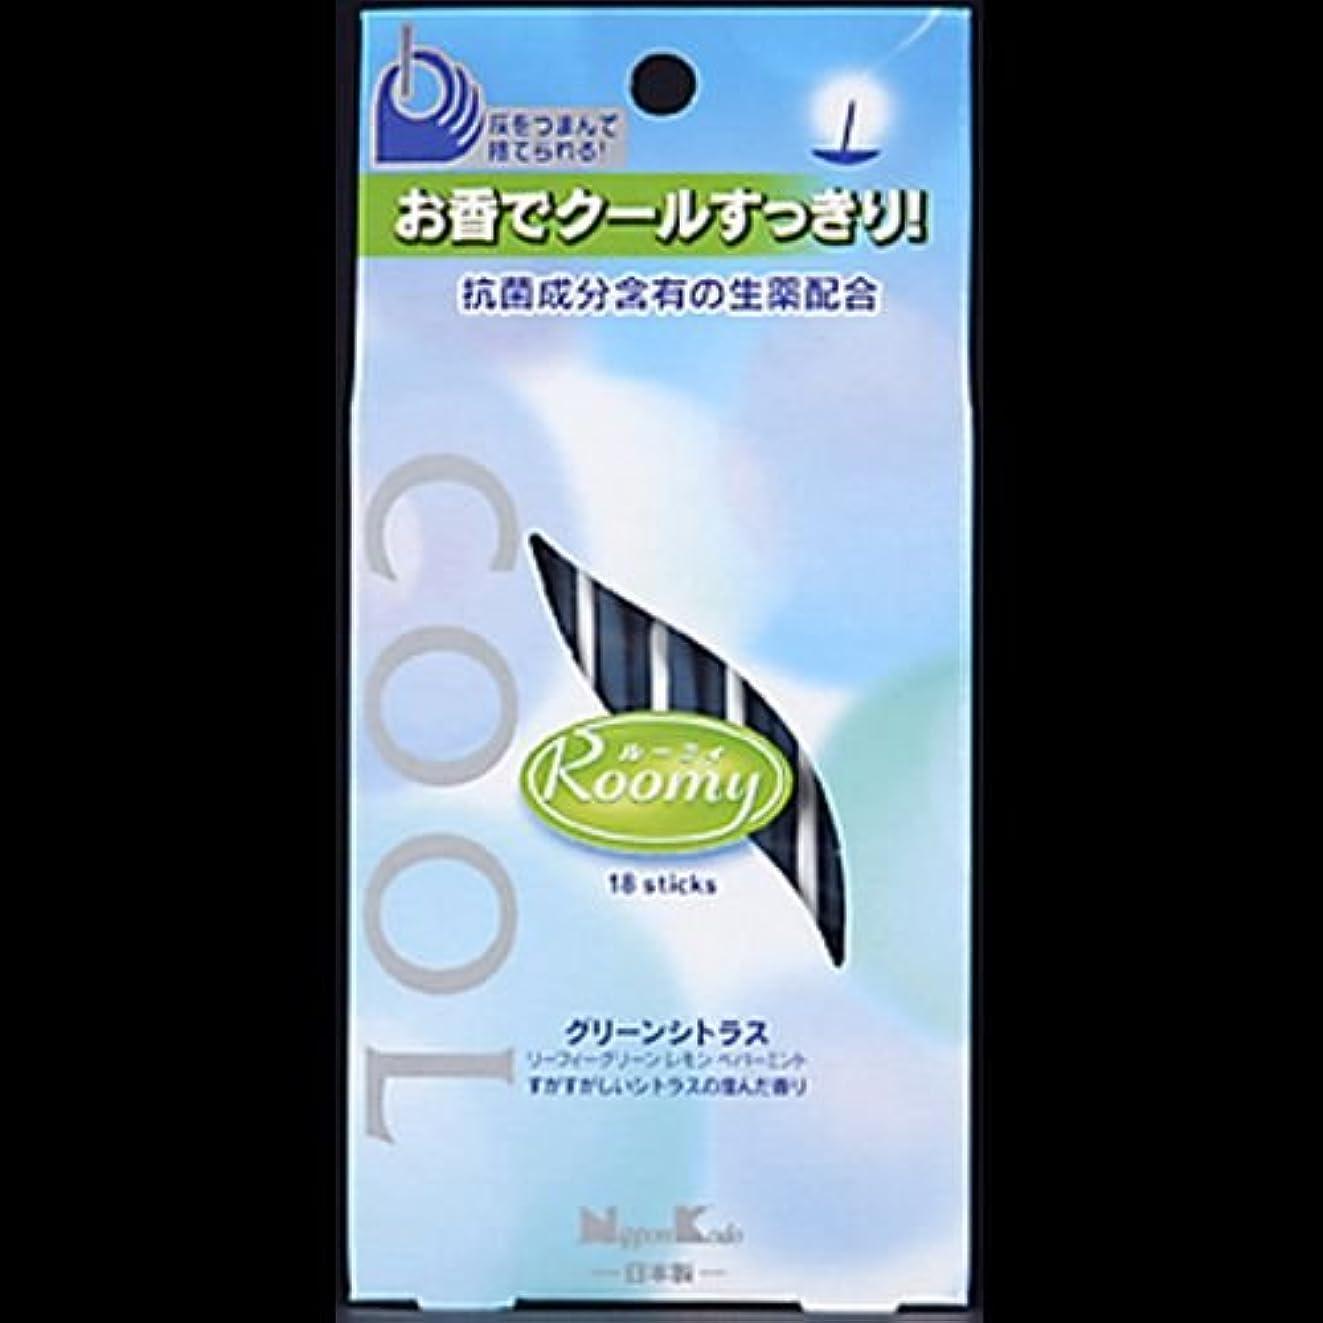 ファランクスマラソン天国【まとめ買い】ルーミィ クール スティック 18本 ×2セット